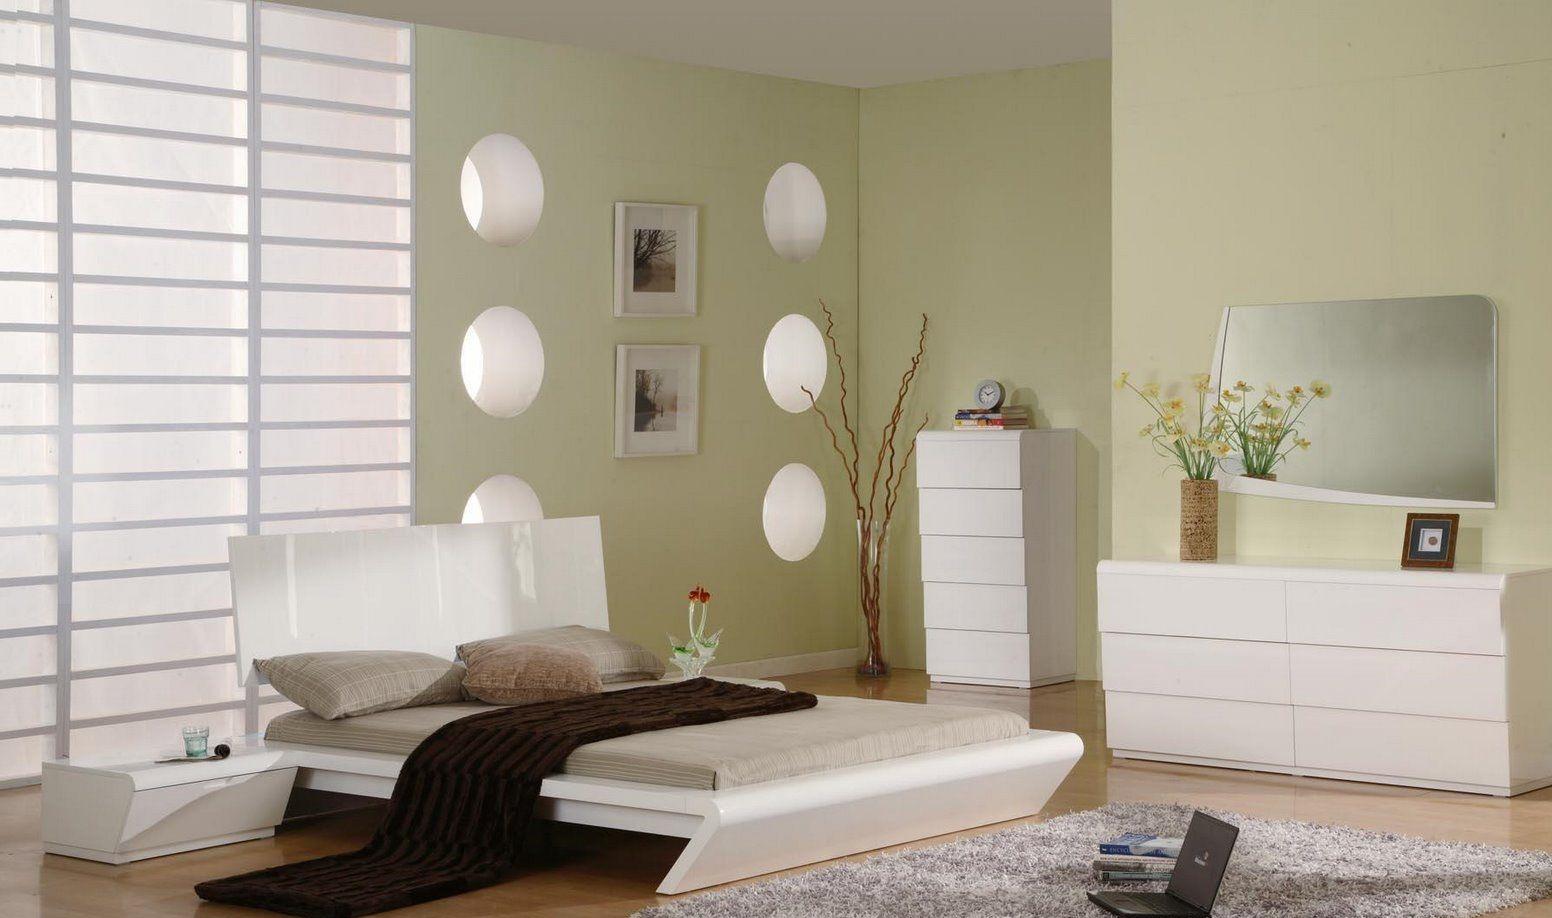 اجمل ديكورات لغرف النوم المودرن 1332064055_960.jpg